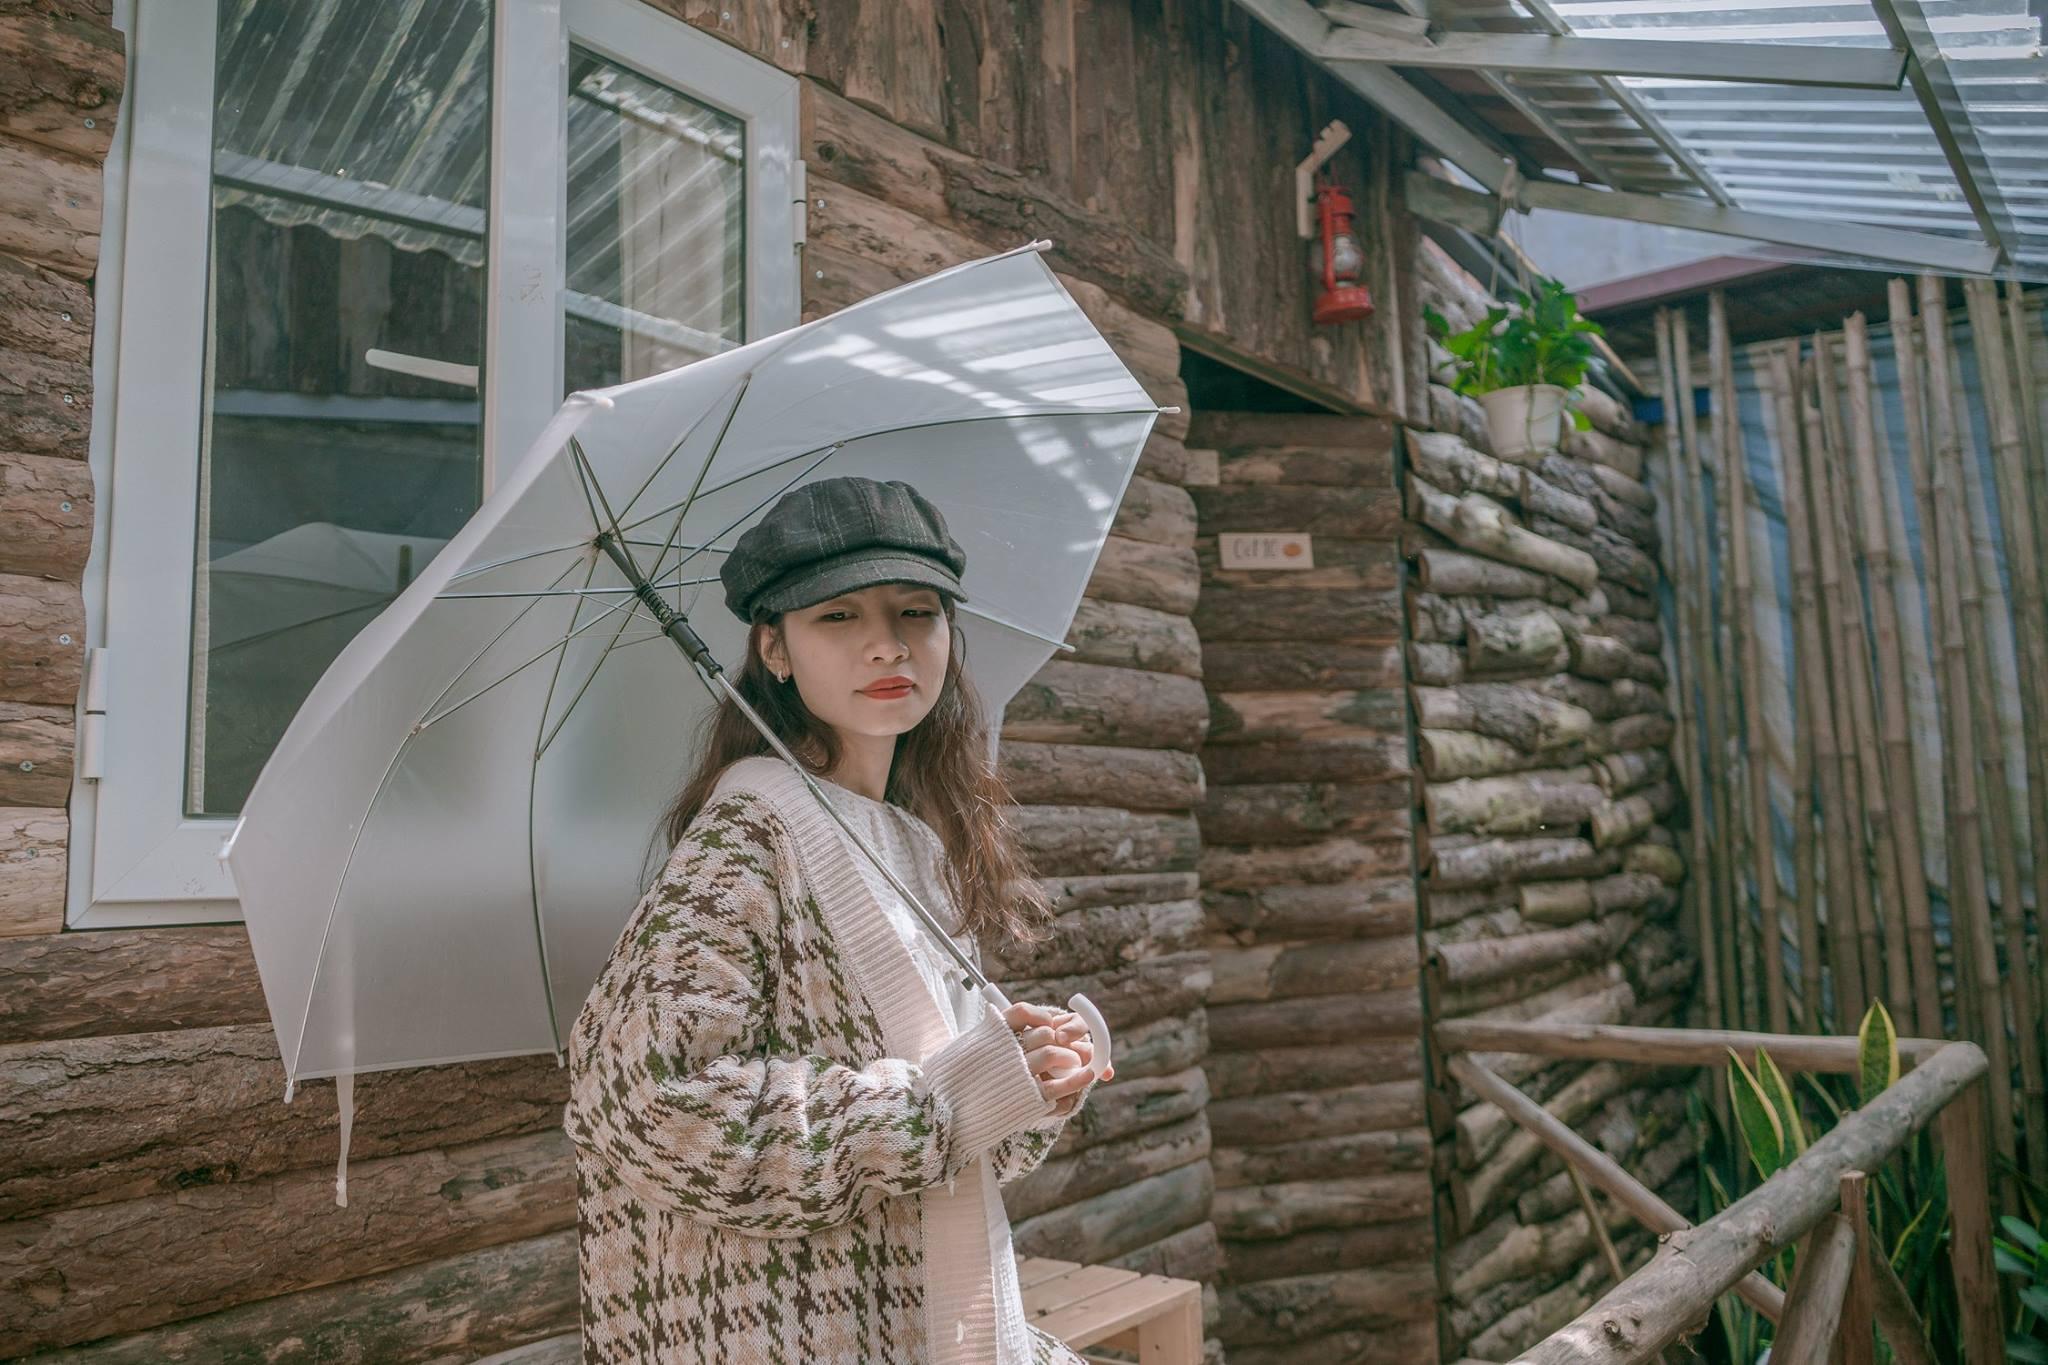 """Tọa độ """"sống ảo"""" hot nhất Mộc Châu gần đây chính là căn nhà gỗ bìa rừng mang tên """"Tháng Mười Một"""""""